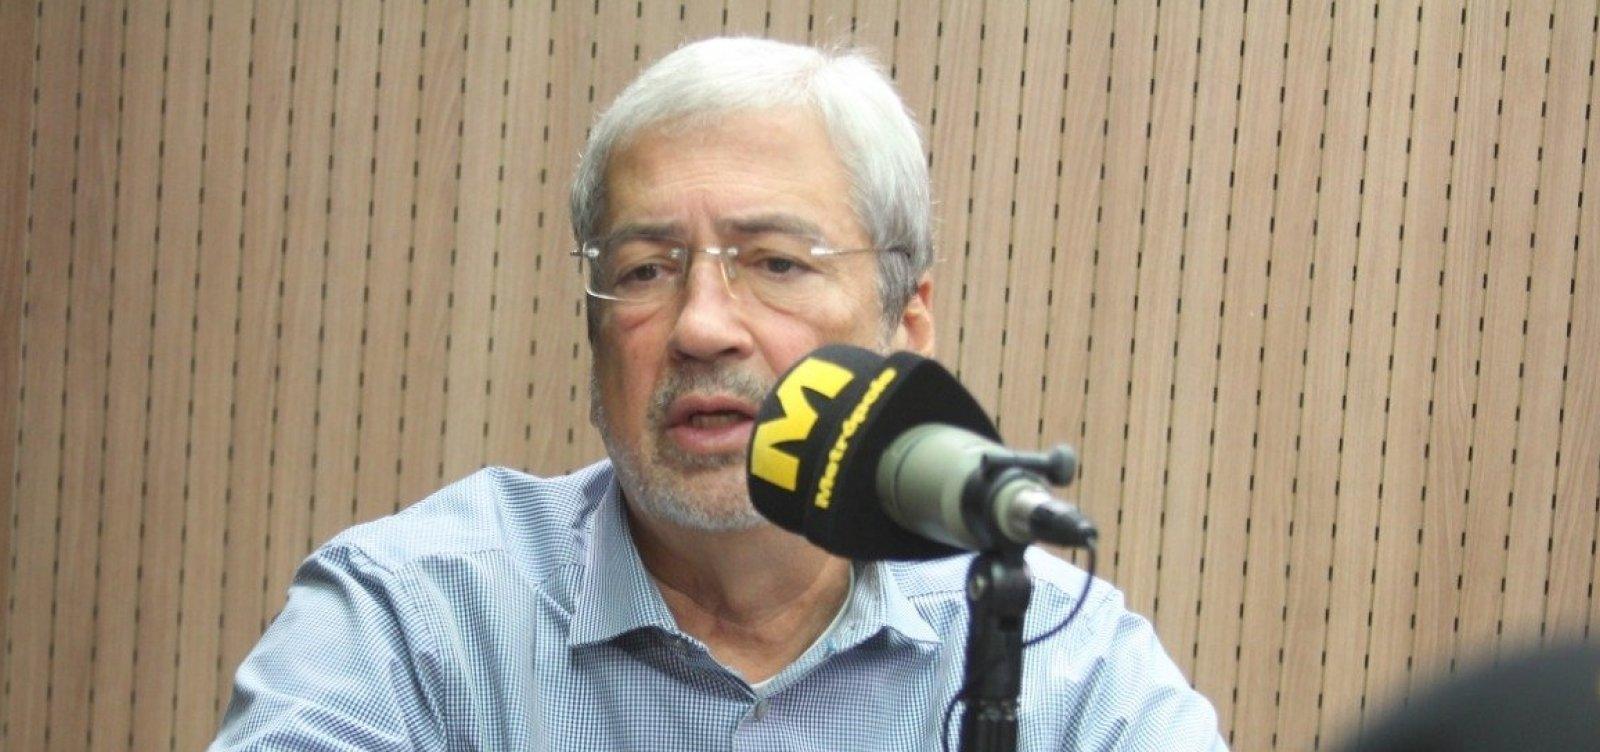 Imbassahy diz que não teve 'apoio correspondente' de Neto para reeleição